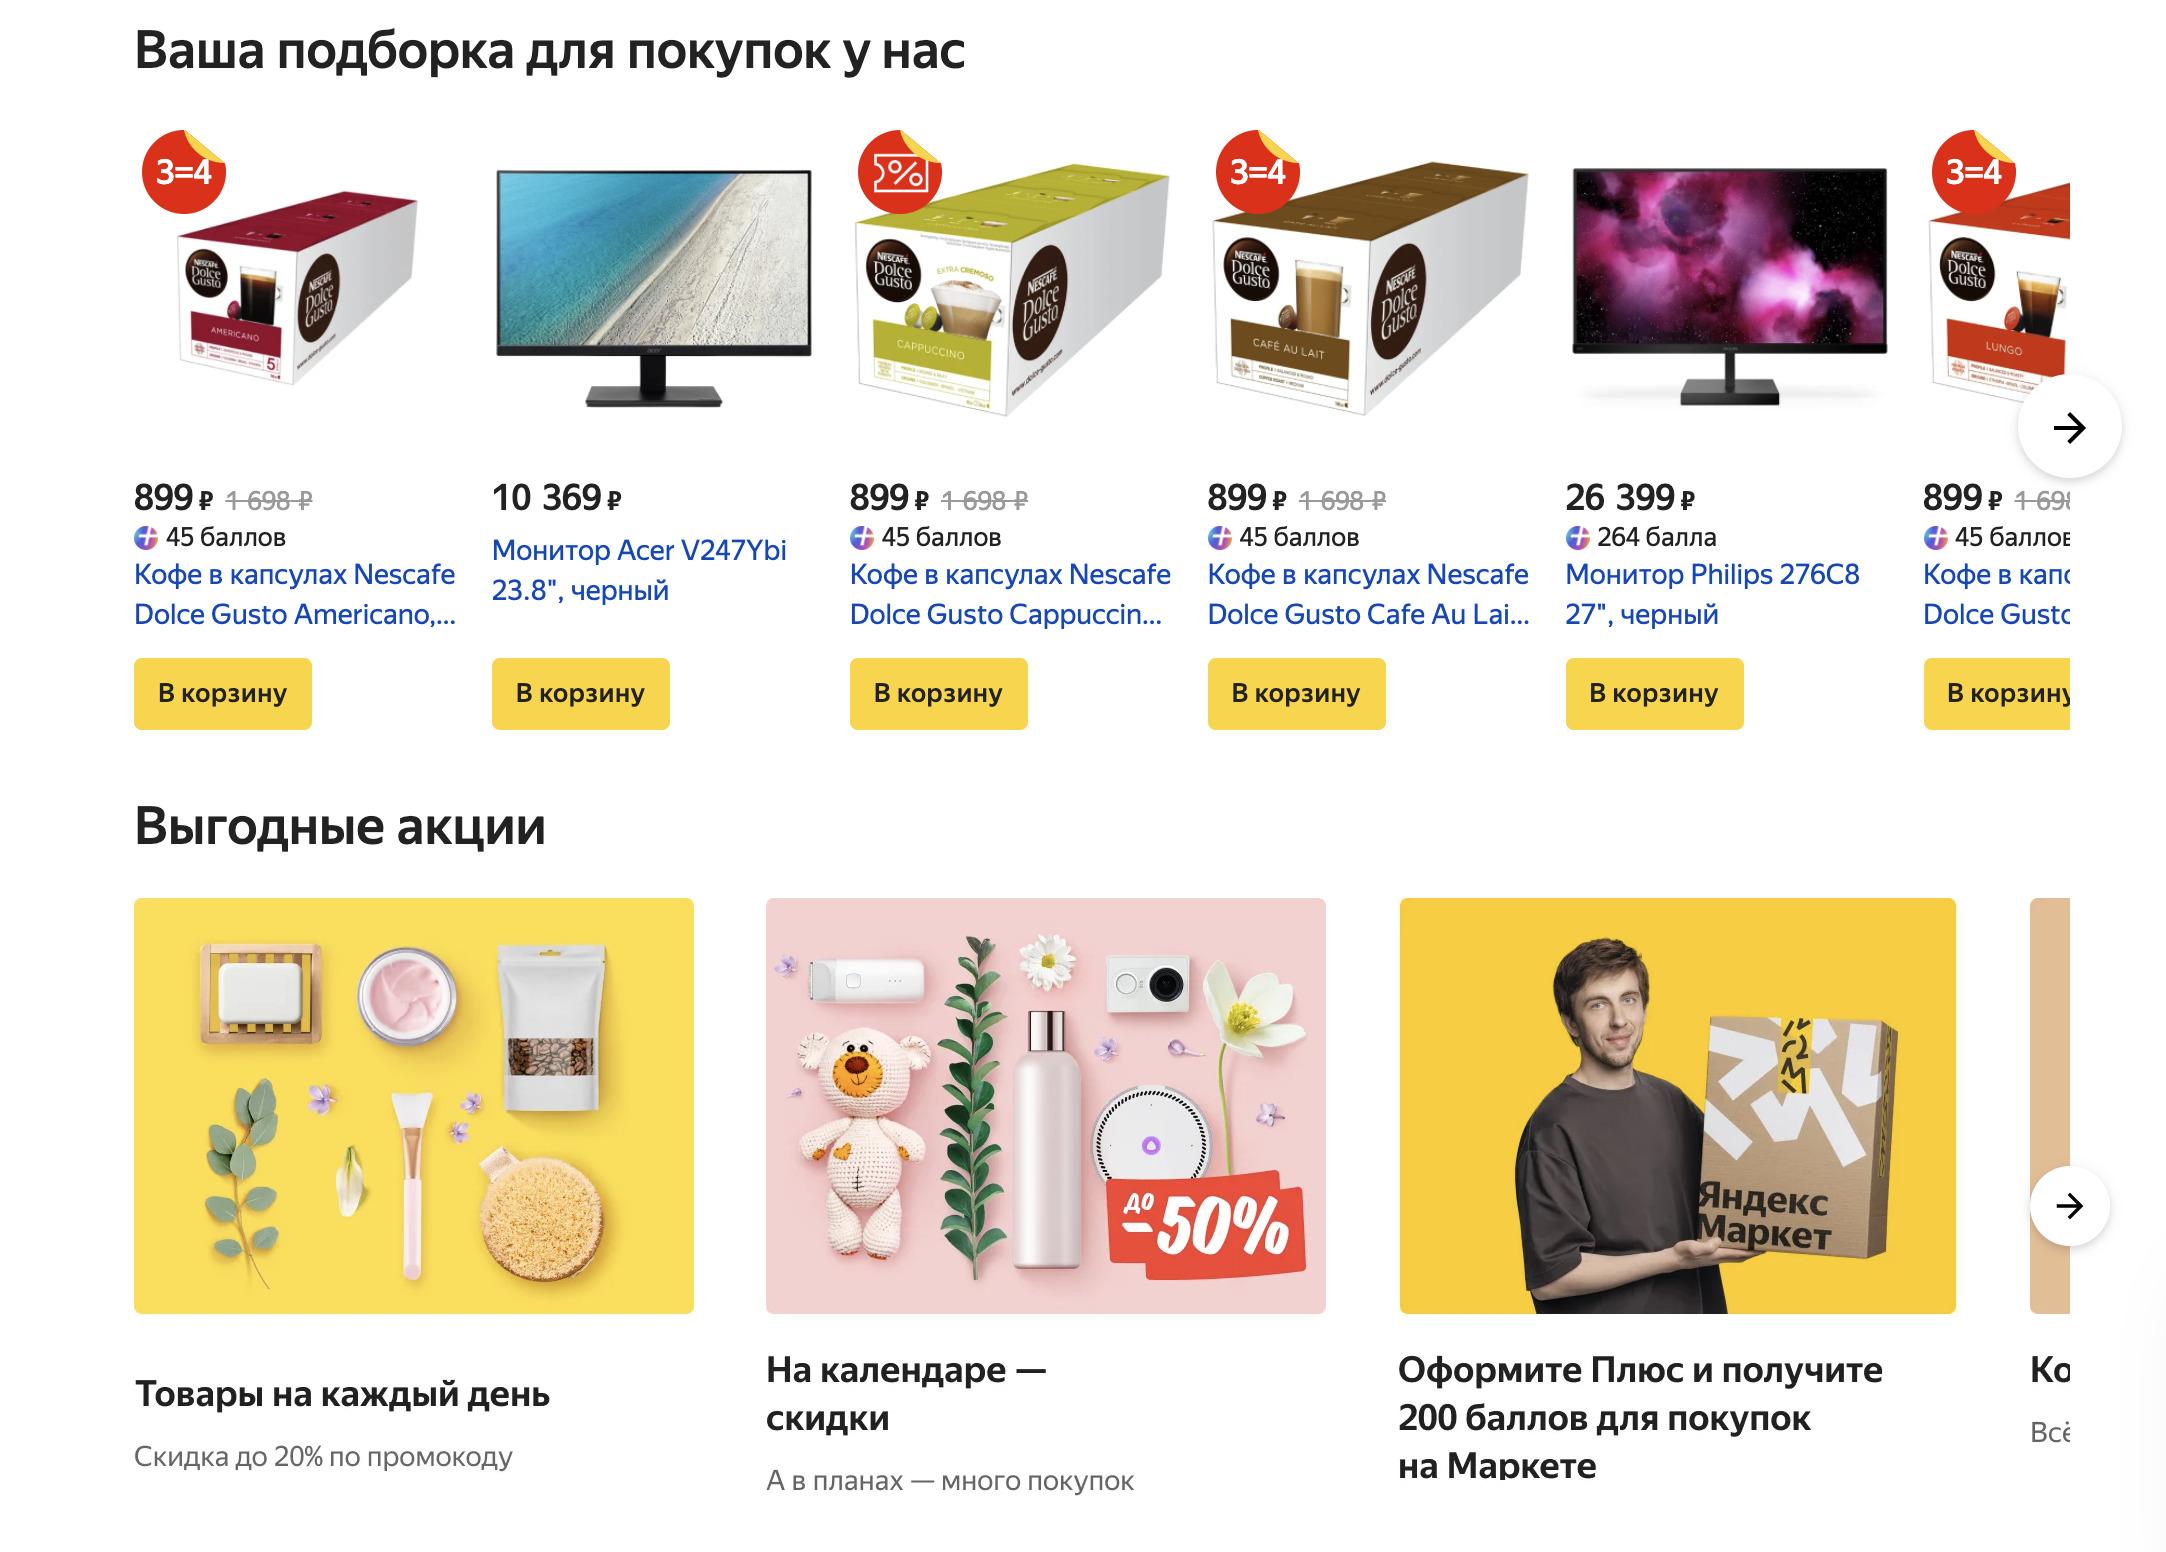 Доставка из Яндекс.Маркет в Тула, сроки, пункты выдачи, каталог